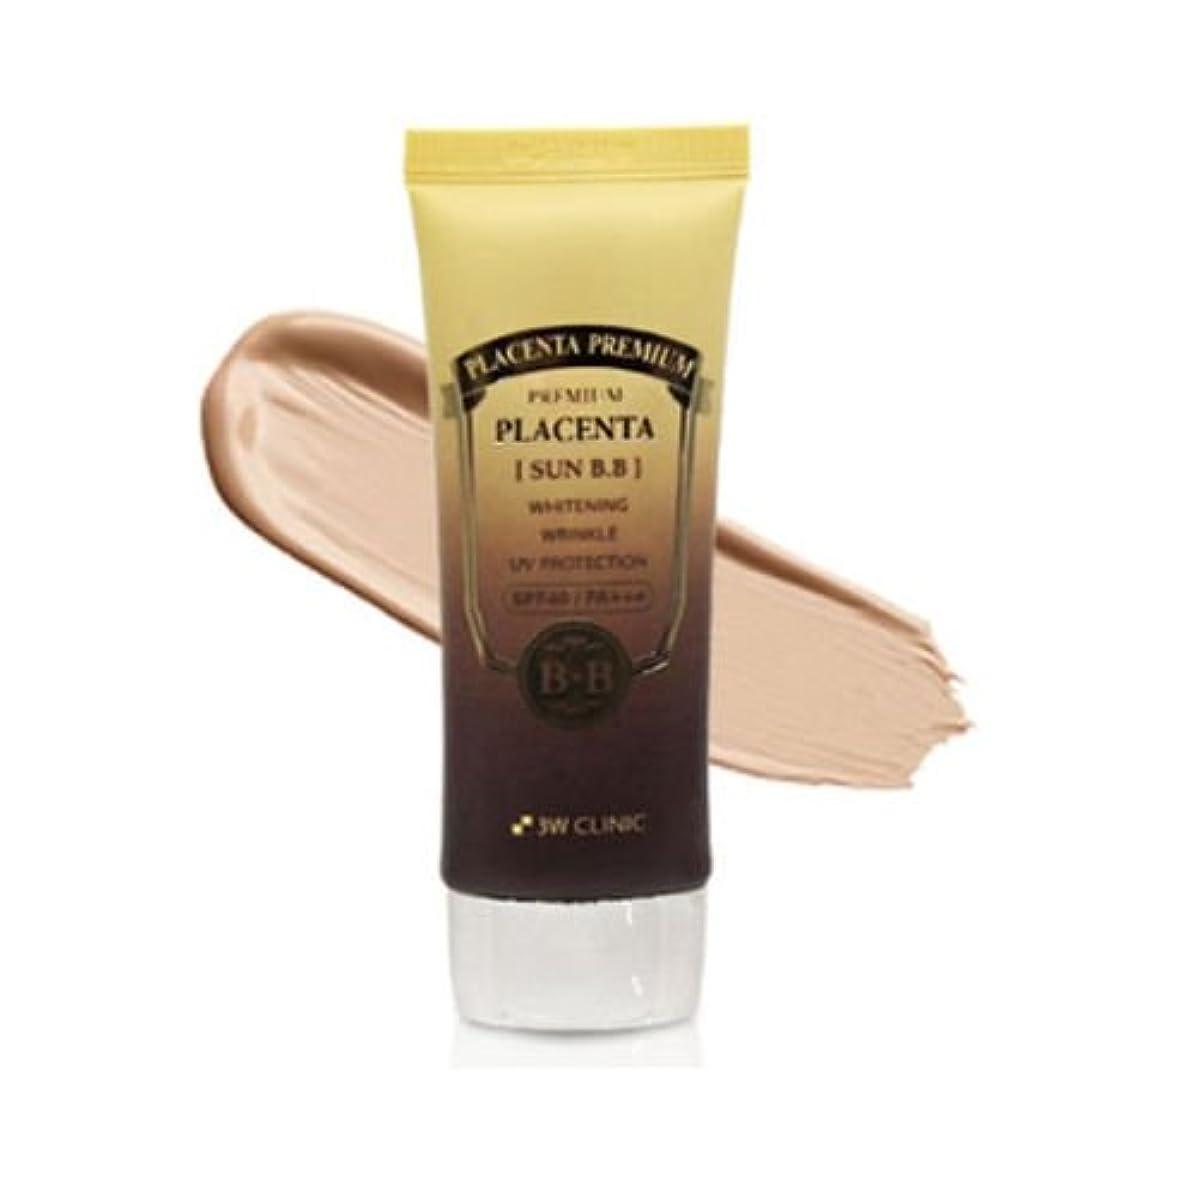 確立強い怒る3Wクリニック[韓国コスメ3w Clinic]Premium Placenta Sun BB Cream プレミアムプラセンタサンBBクリーム70ml SPF40 PA+++ UV しわ管理[並行輸入品]